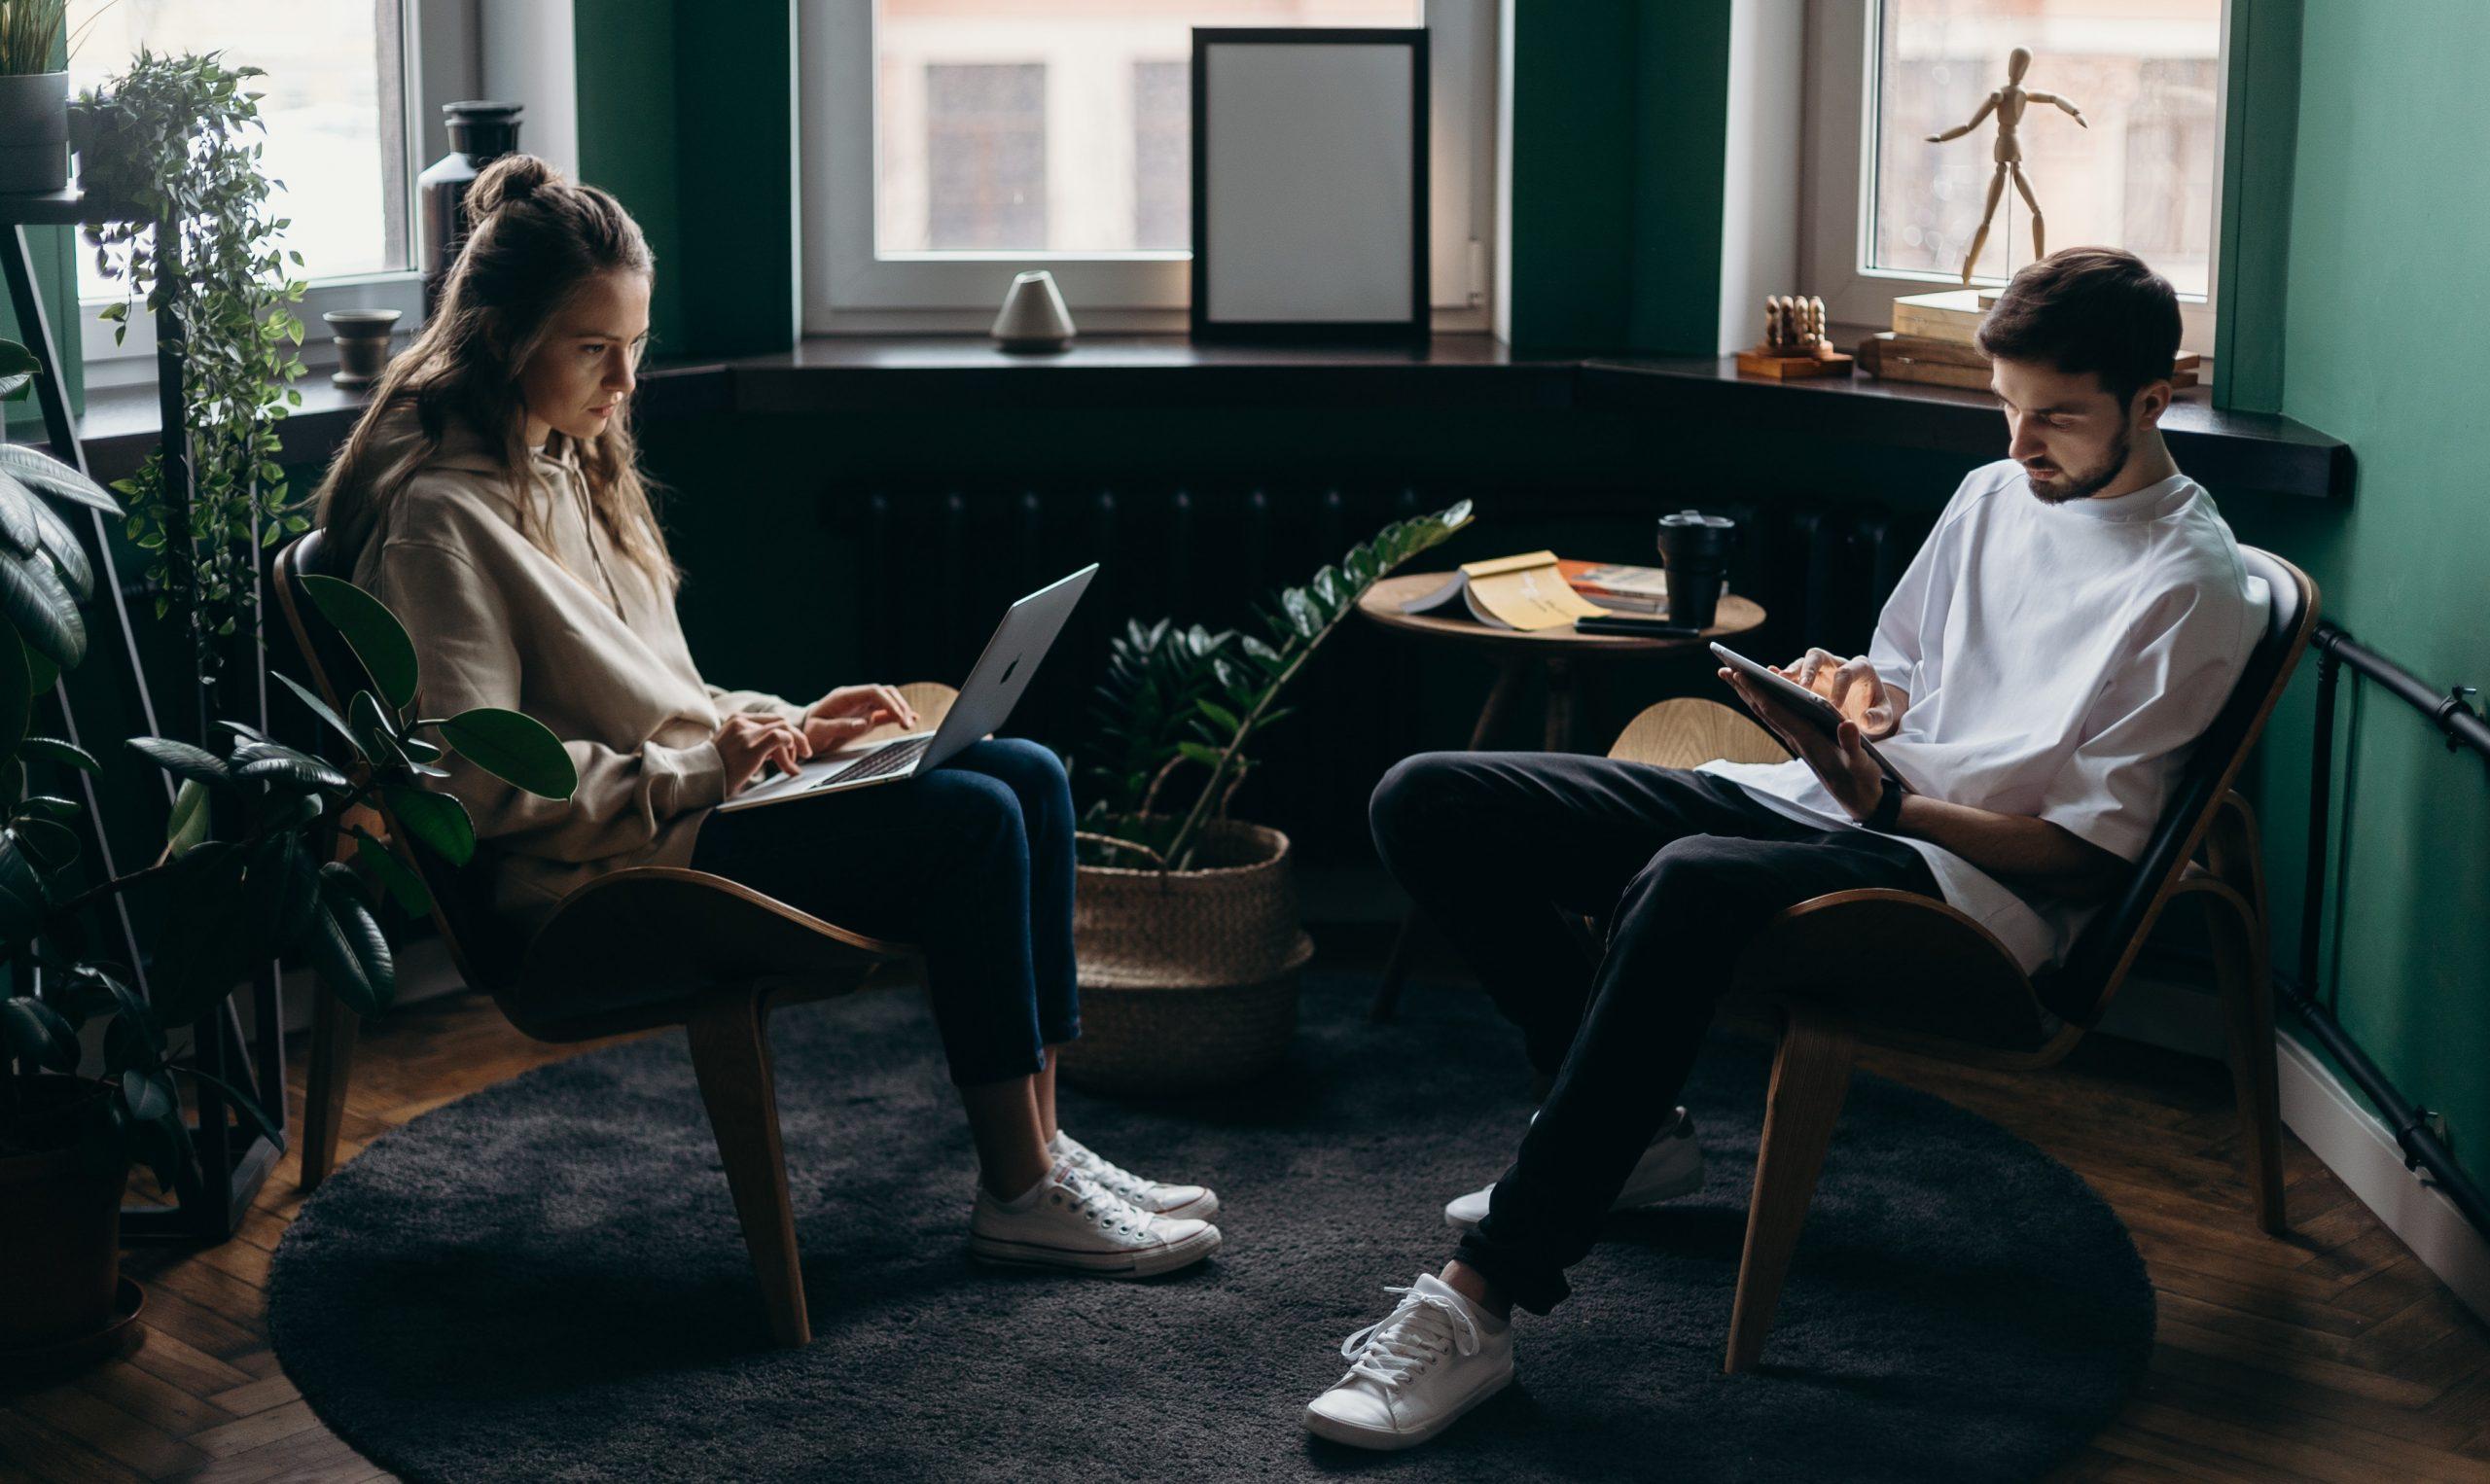 Importance of Technology in Seeking Job